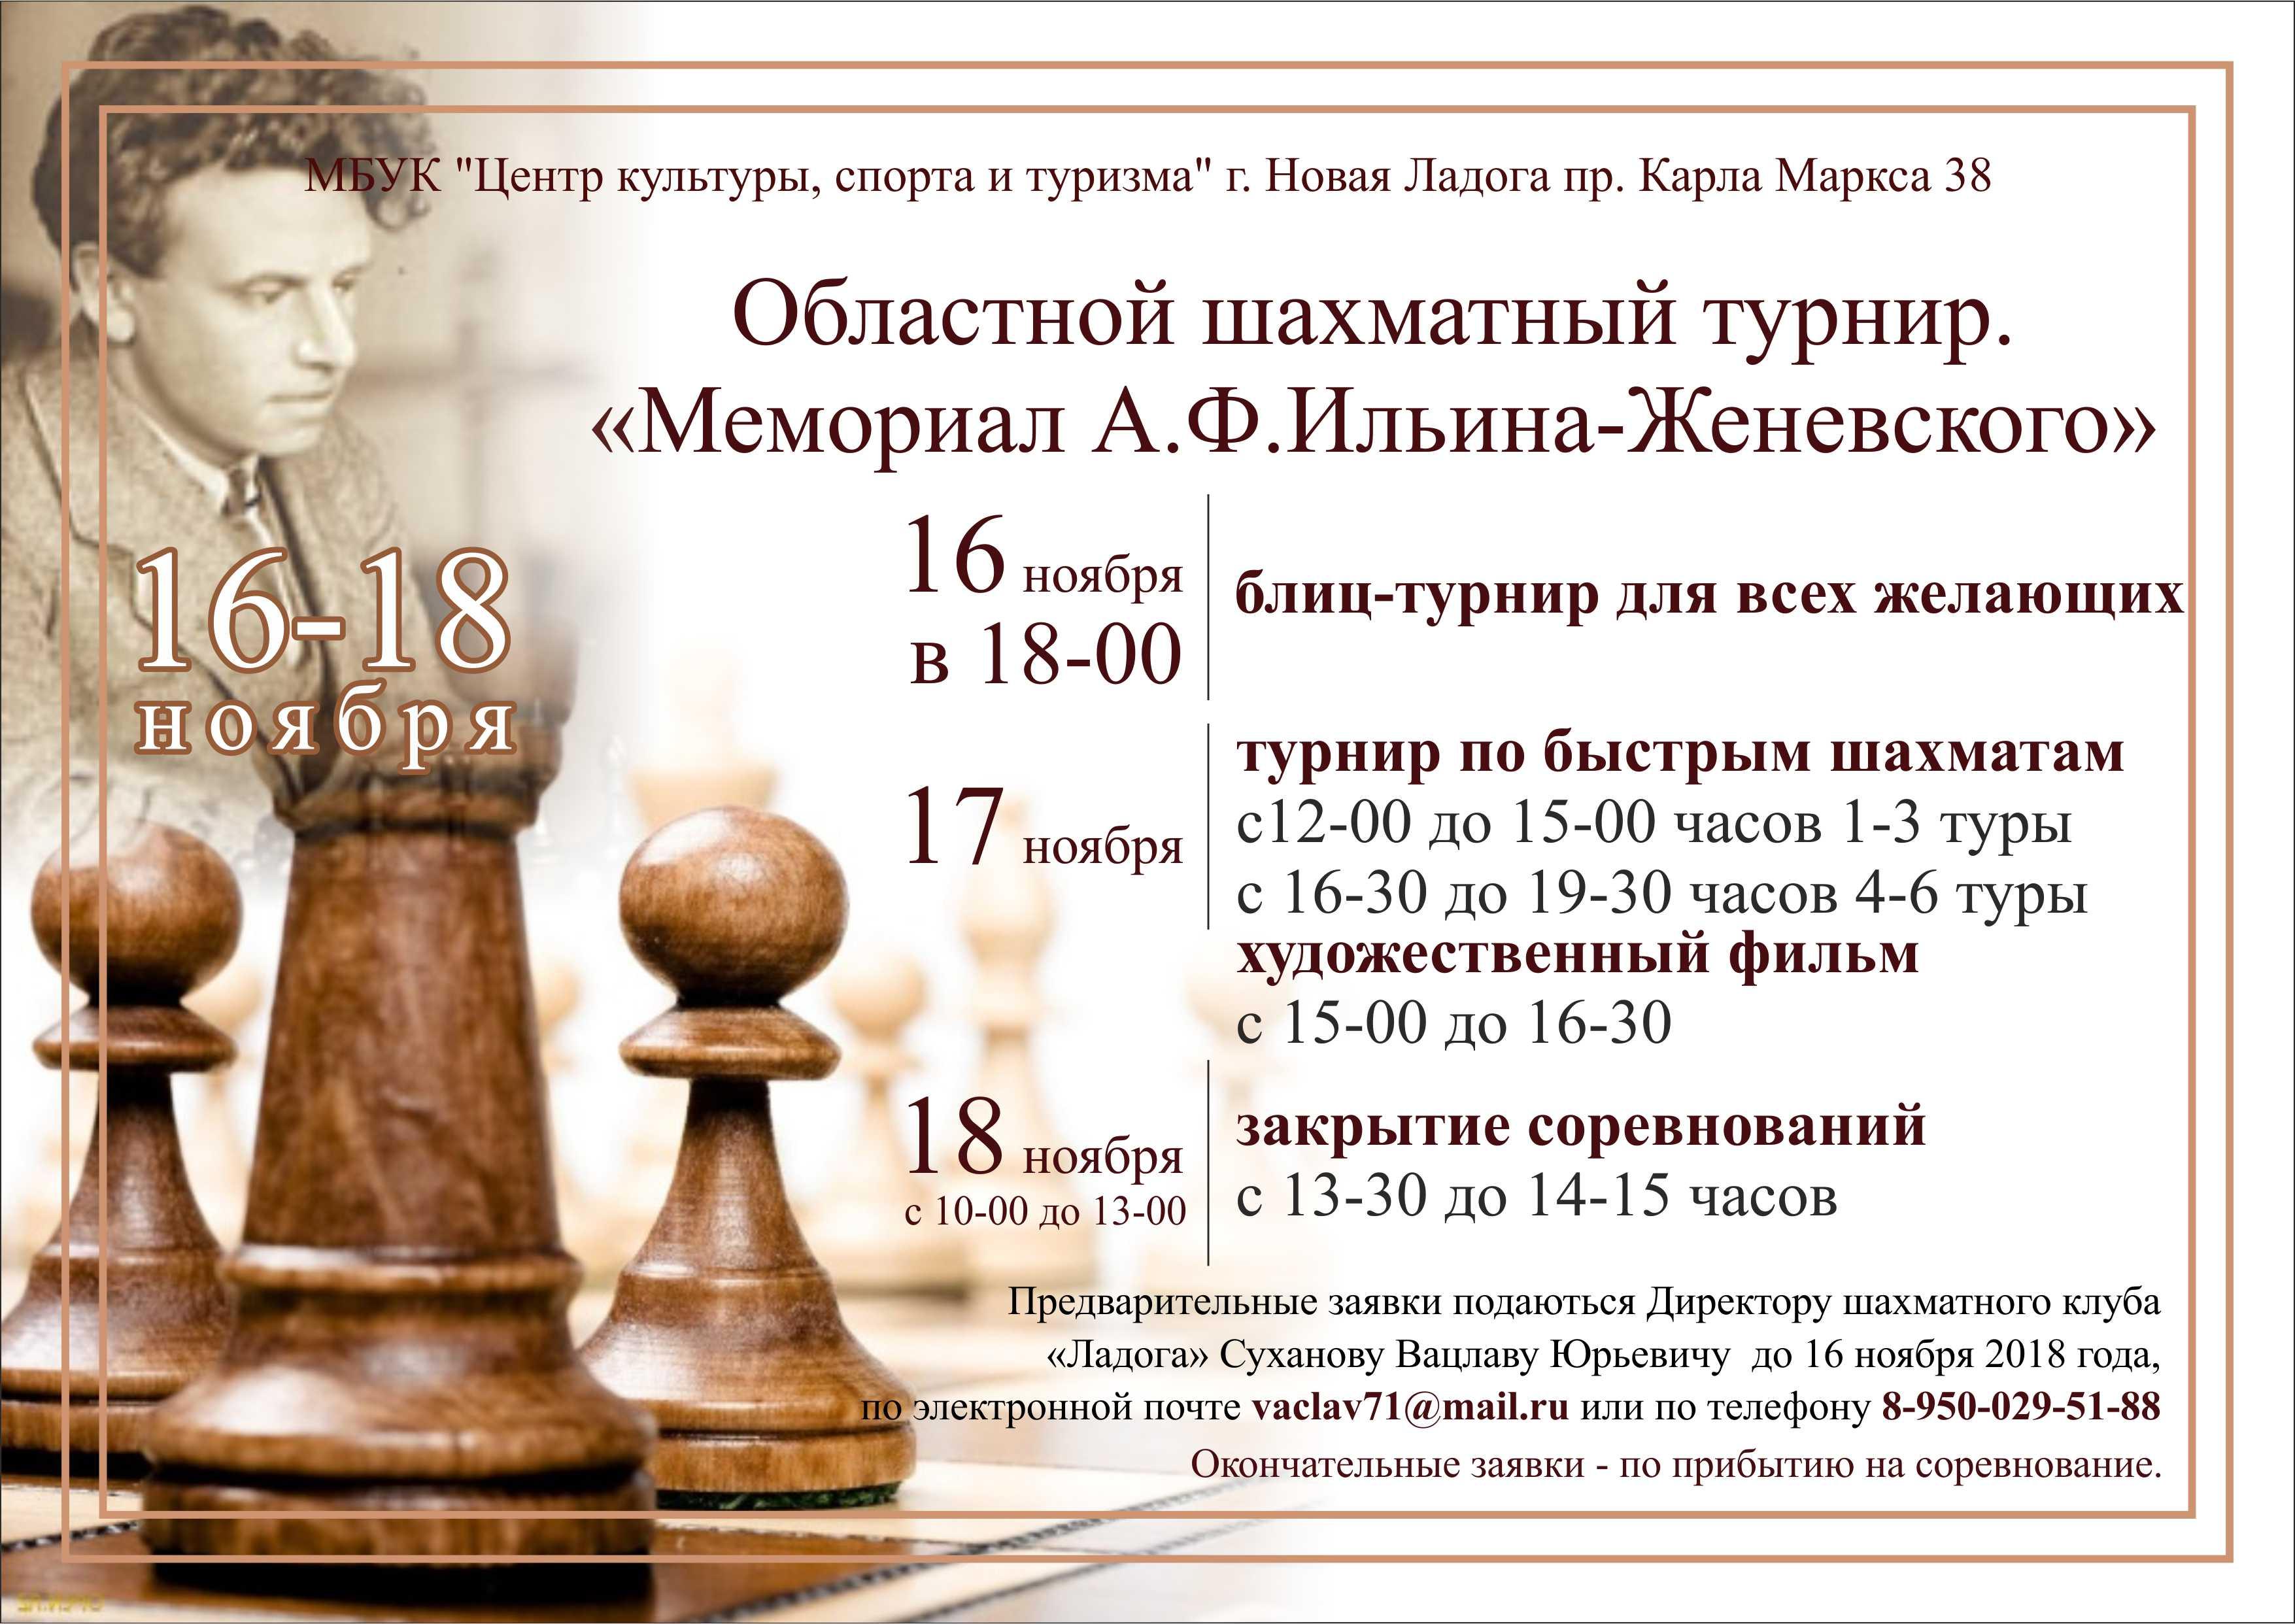 Областной шахматный турнир мемориала А.Ф. Ильина-Женевского